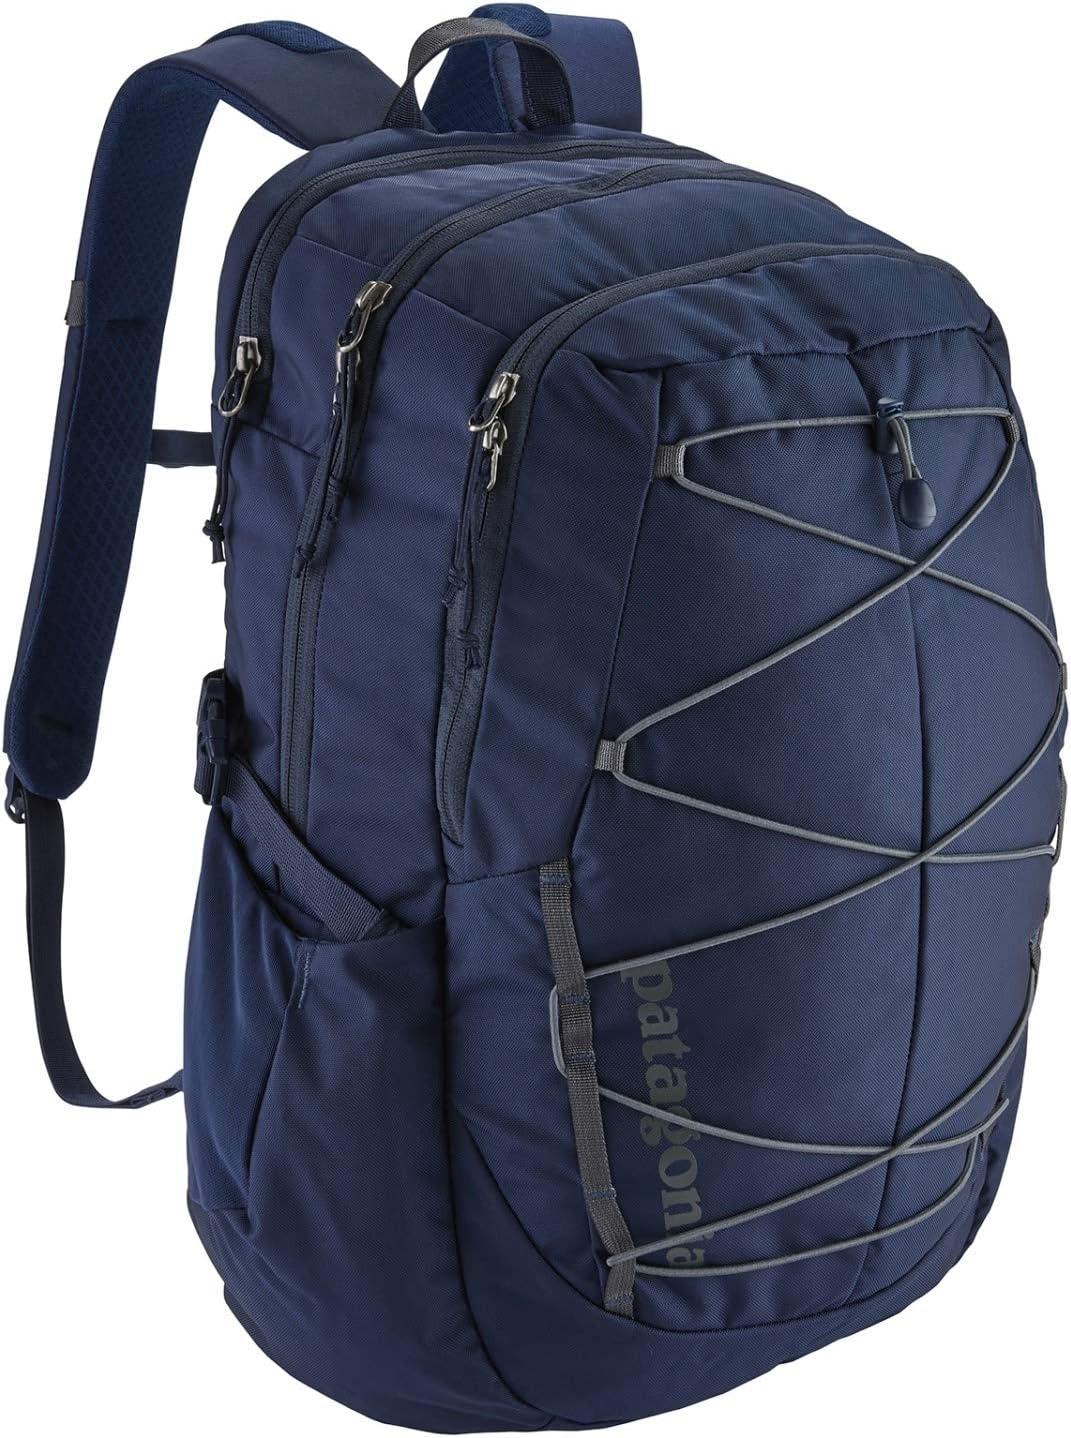 meilleur sac à dos de randonnée femme-2020-meilleur sac à dos de voyage femme- comparatif sac a dos randonnee 20l-jounee